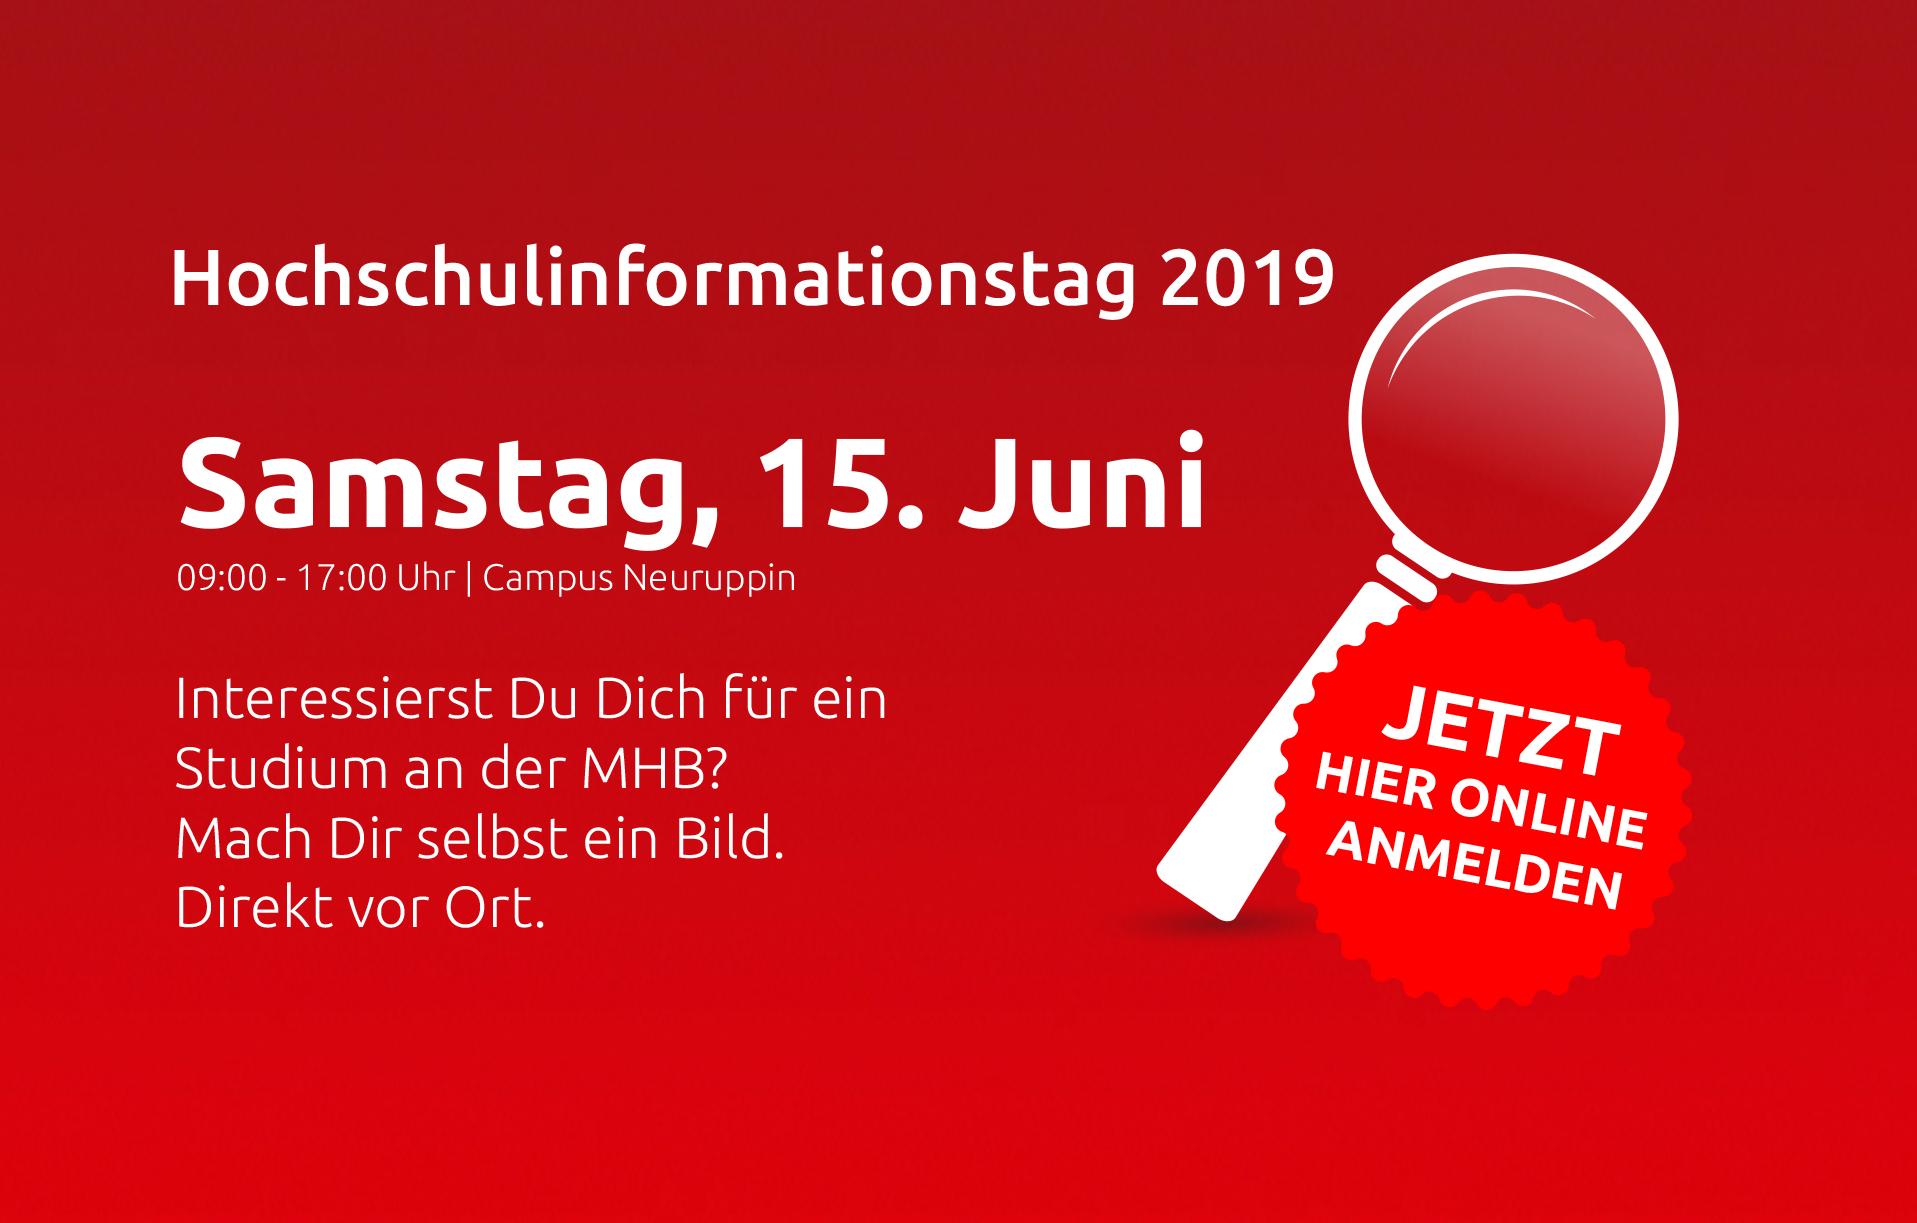 Hochschulinformationstag Hit Medizinische Hochschule Brandenburg